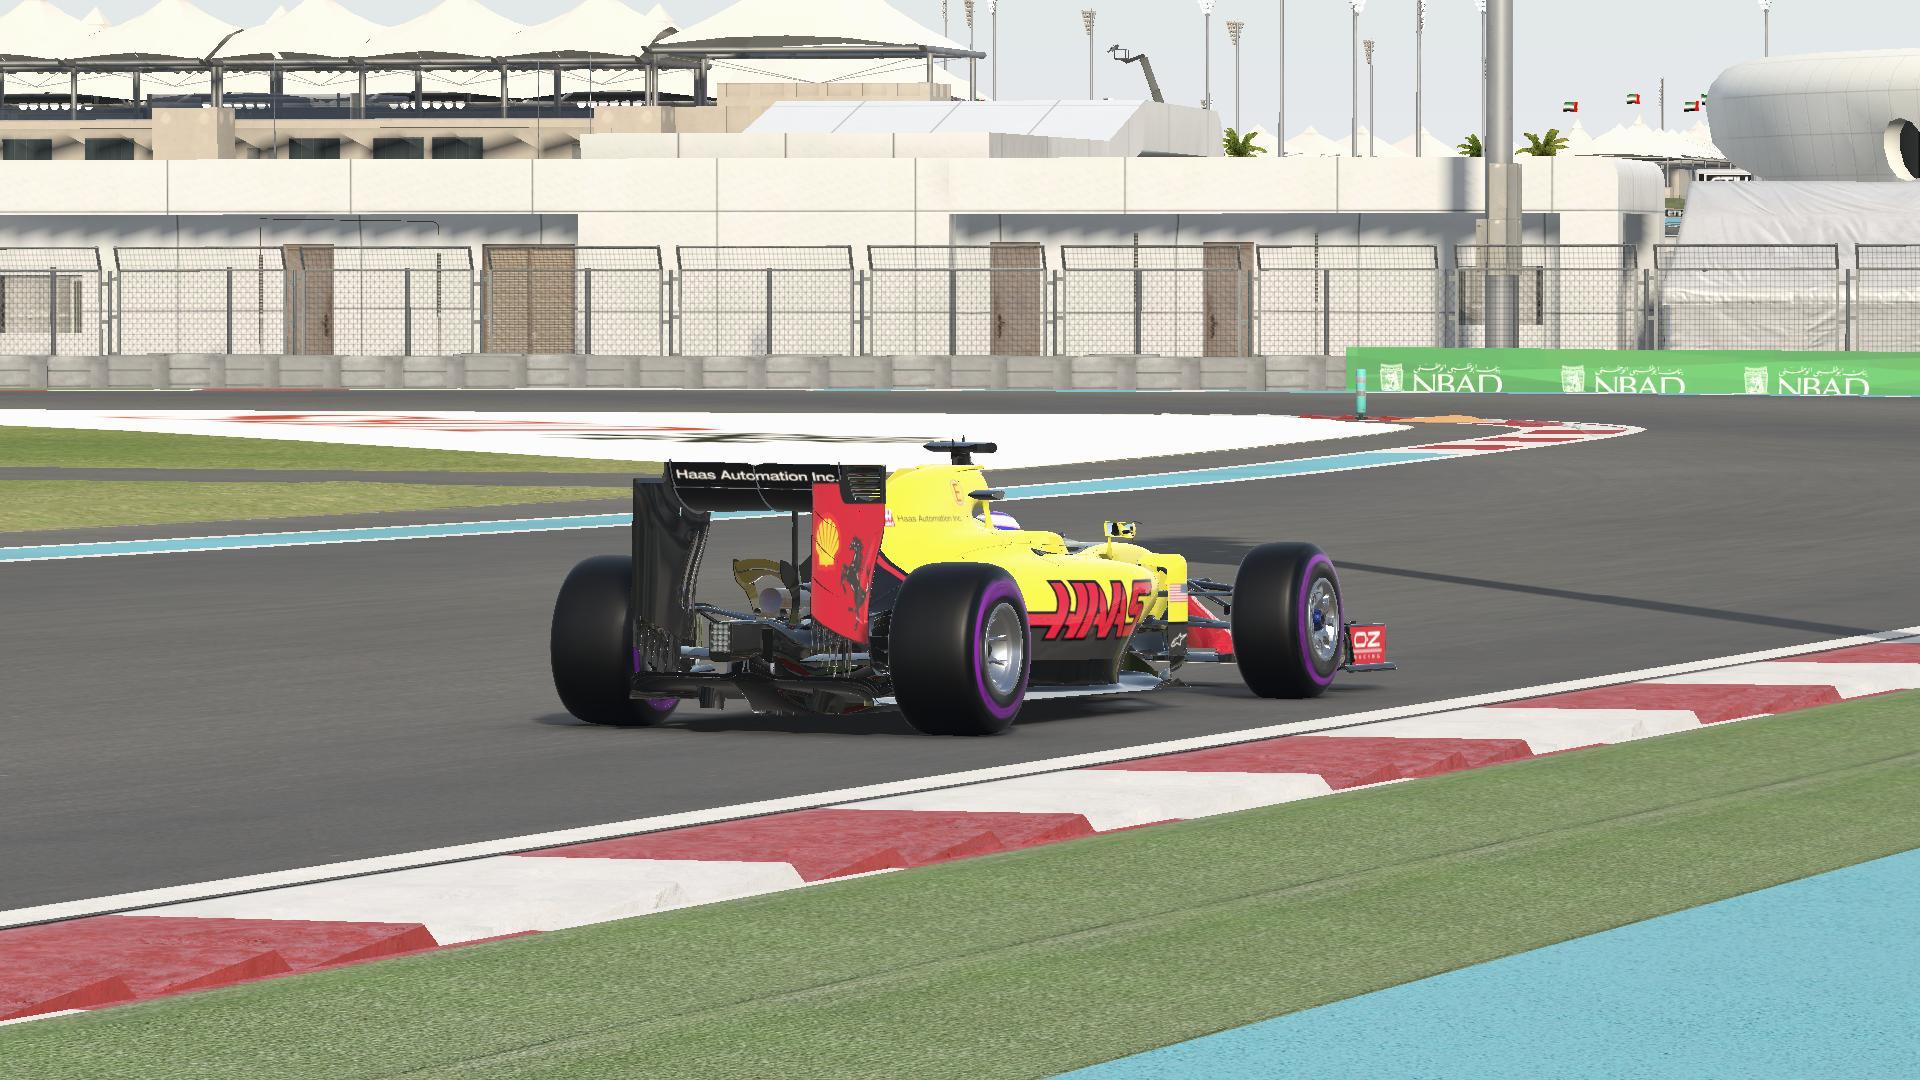 F1_2016 2016-10-05 12-18-04-44.jpg